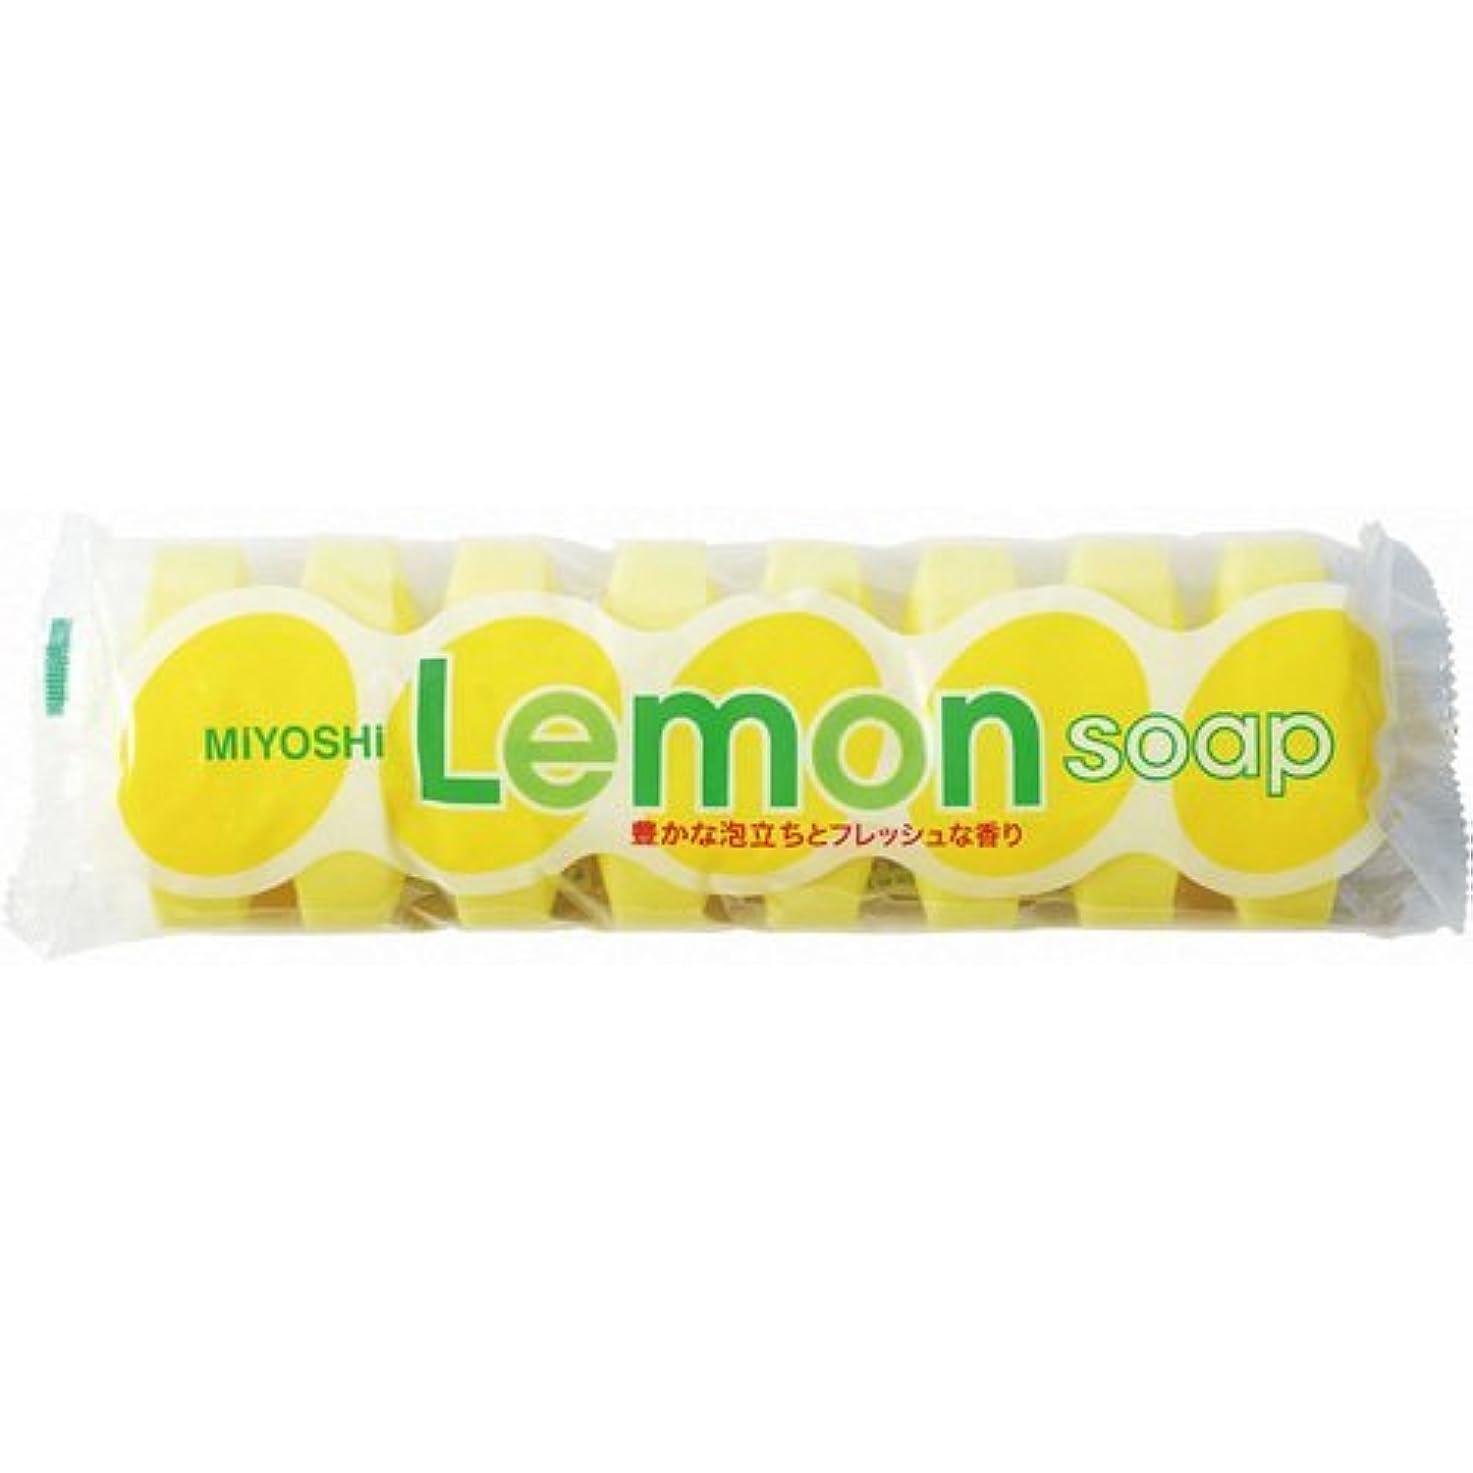 含める比類なき今後ミヨシ レモンソープ 45g×8個入